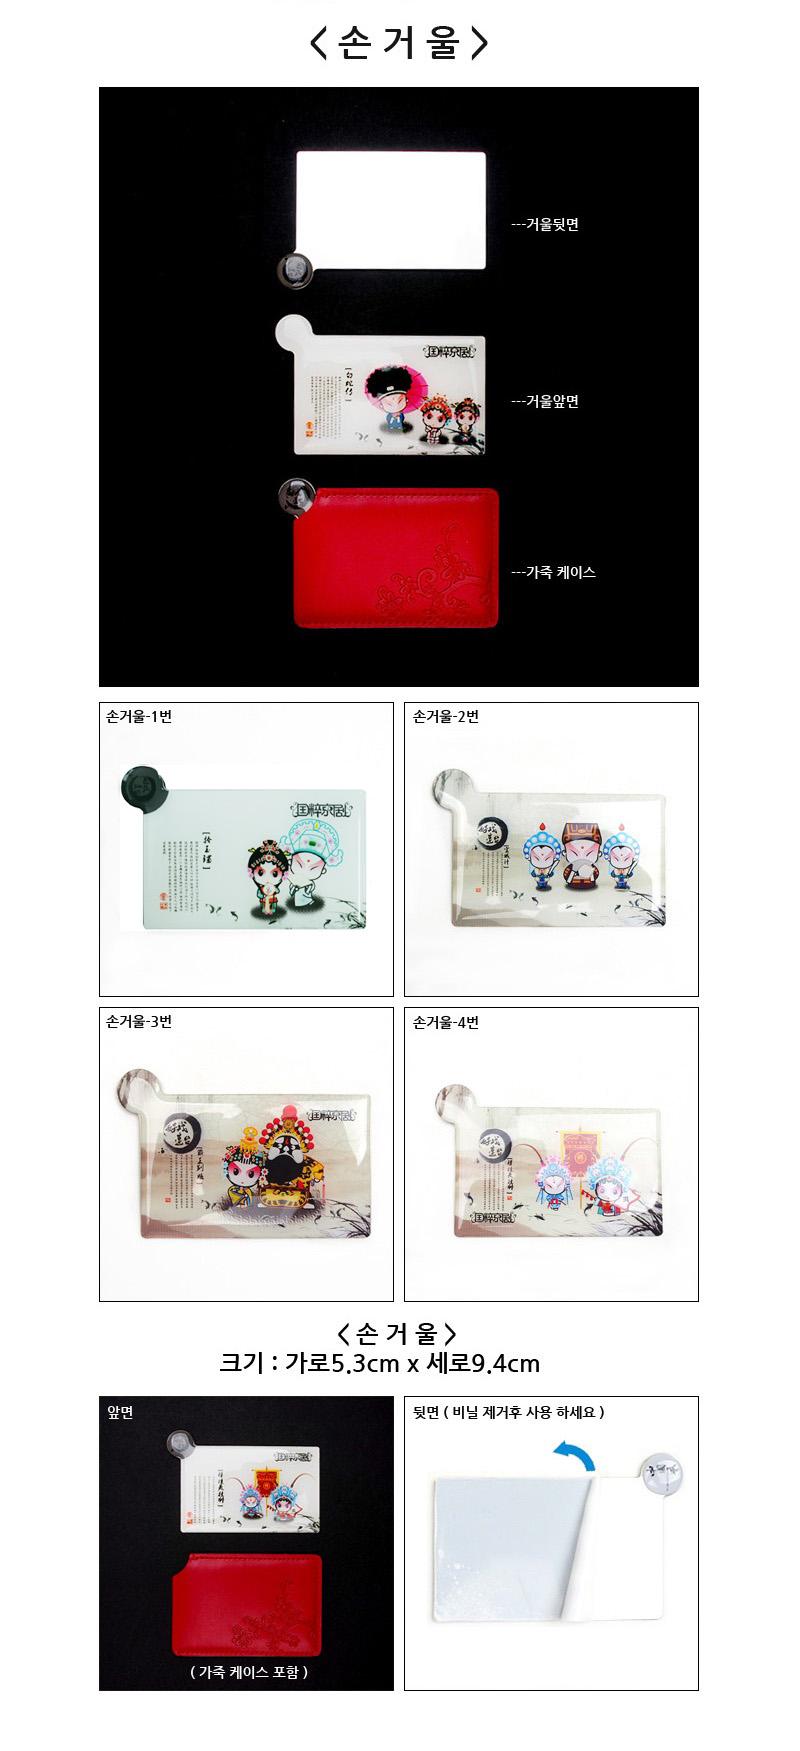 중국 경극 캐릭터 손거울 - 지아몰, 1,800원, 도구, 거울